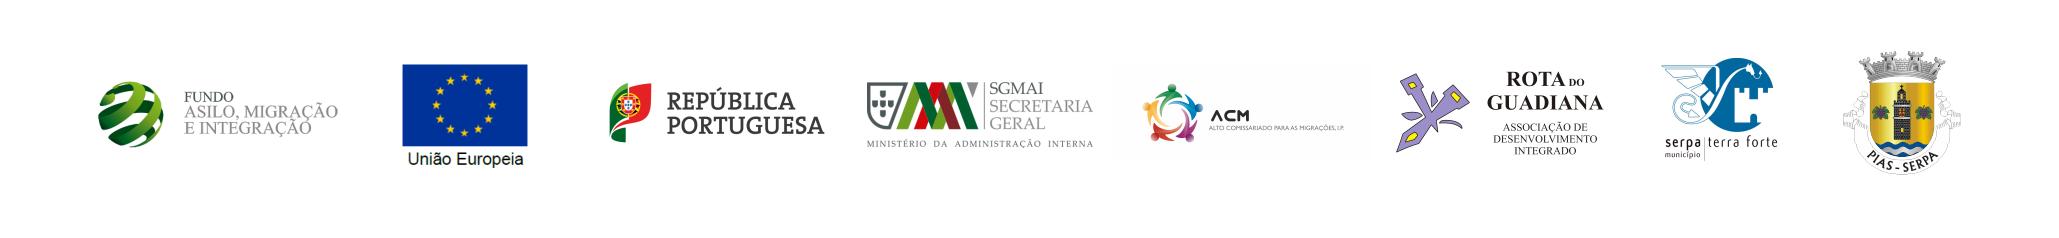 Barra-Logos-FAMI